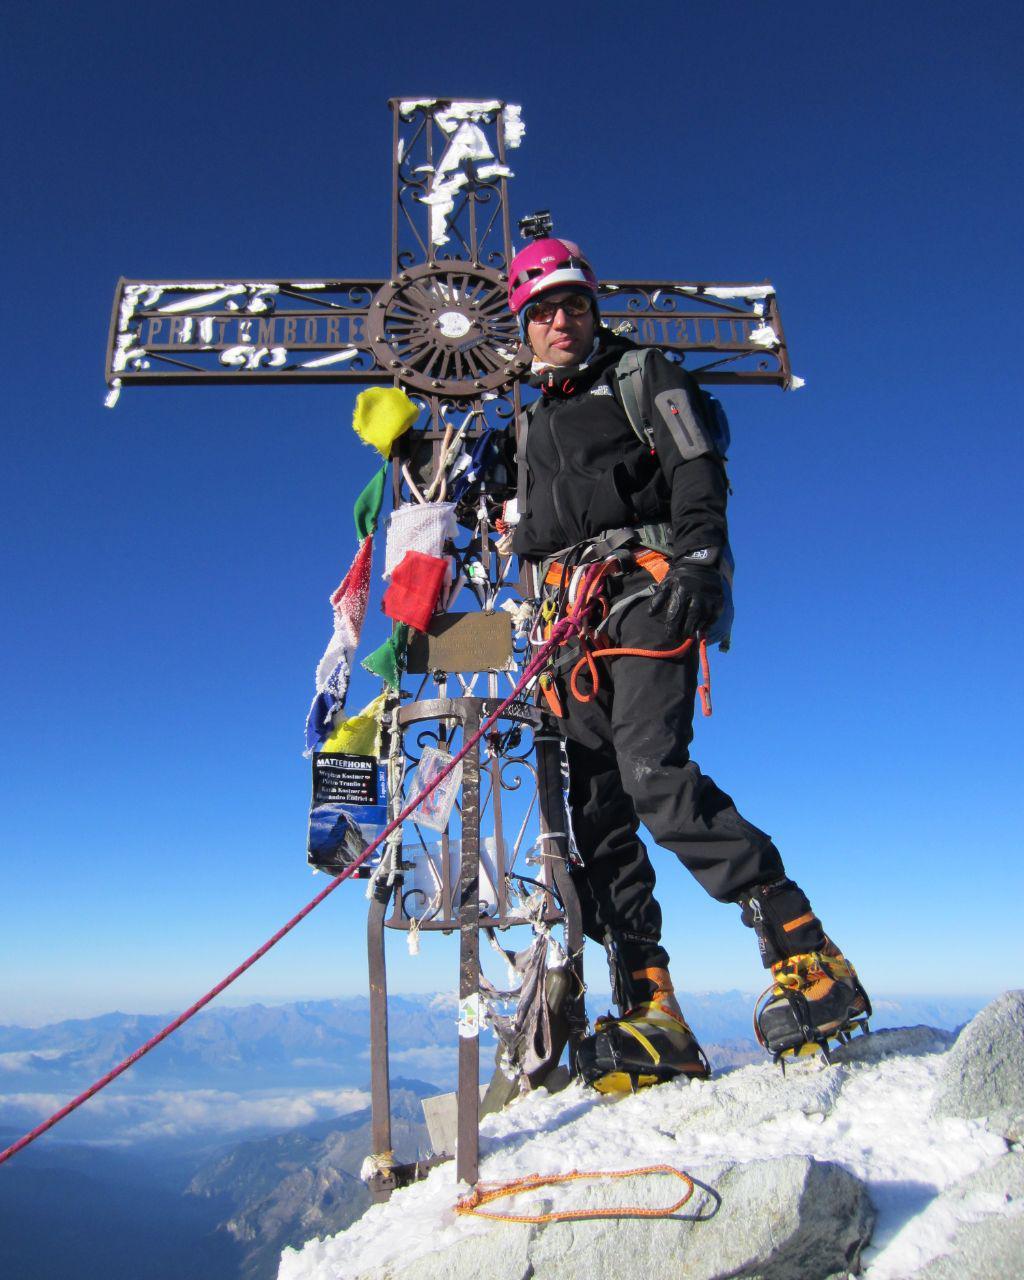 جلسهی عمومی دوشنبه ۱۱ دی ماه ۹۶ باشگاه کوهنوردی و اسکی دماوند